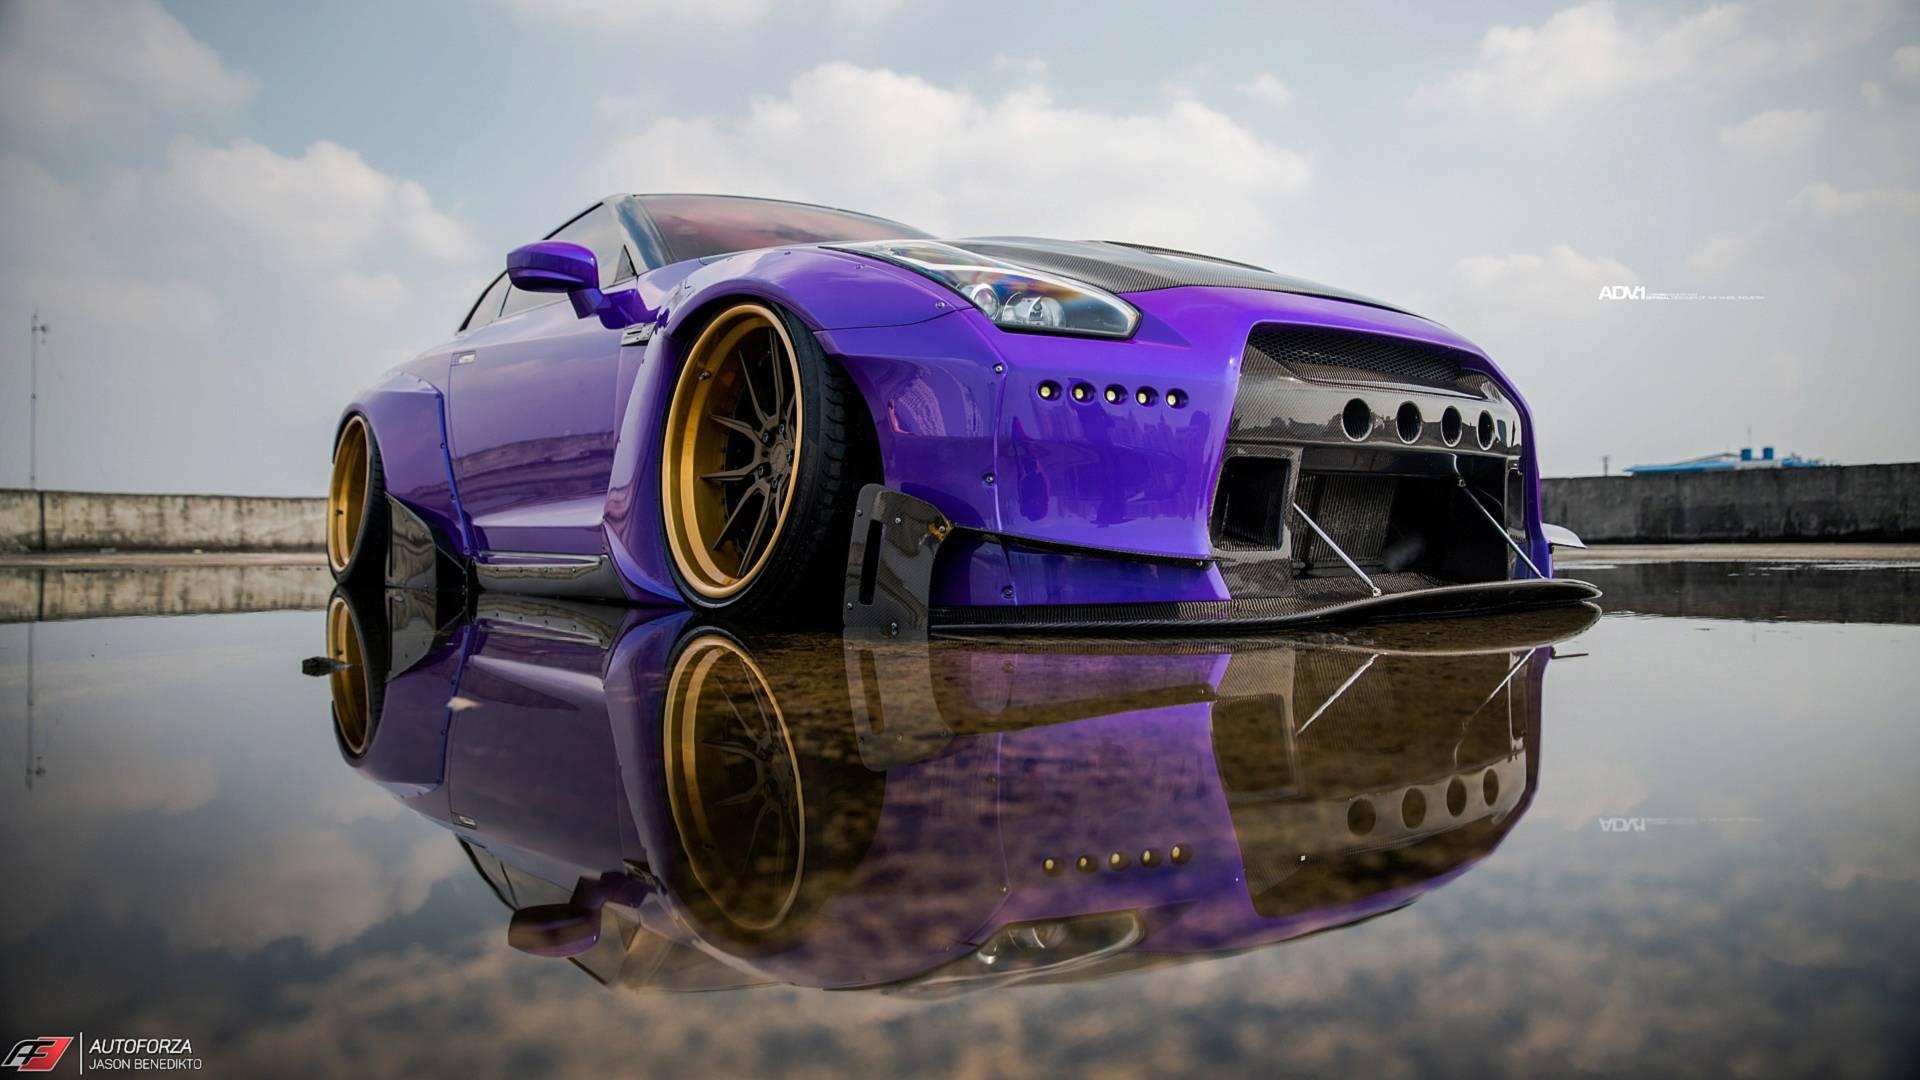 Мастерская ADV.1 Wheels представила необычную работу – модернизированный Nissan GT-R в ярко-фиолетовом окрасе